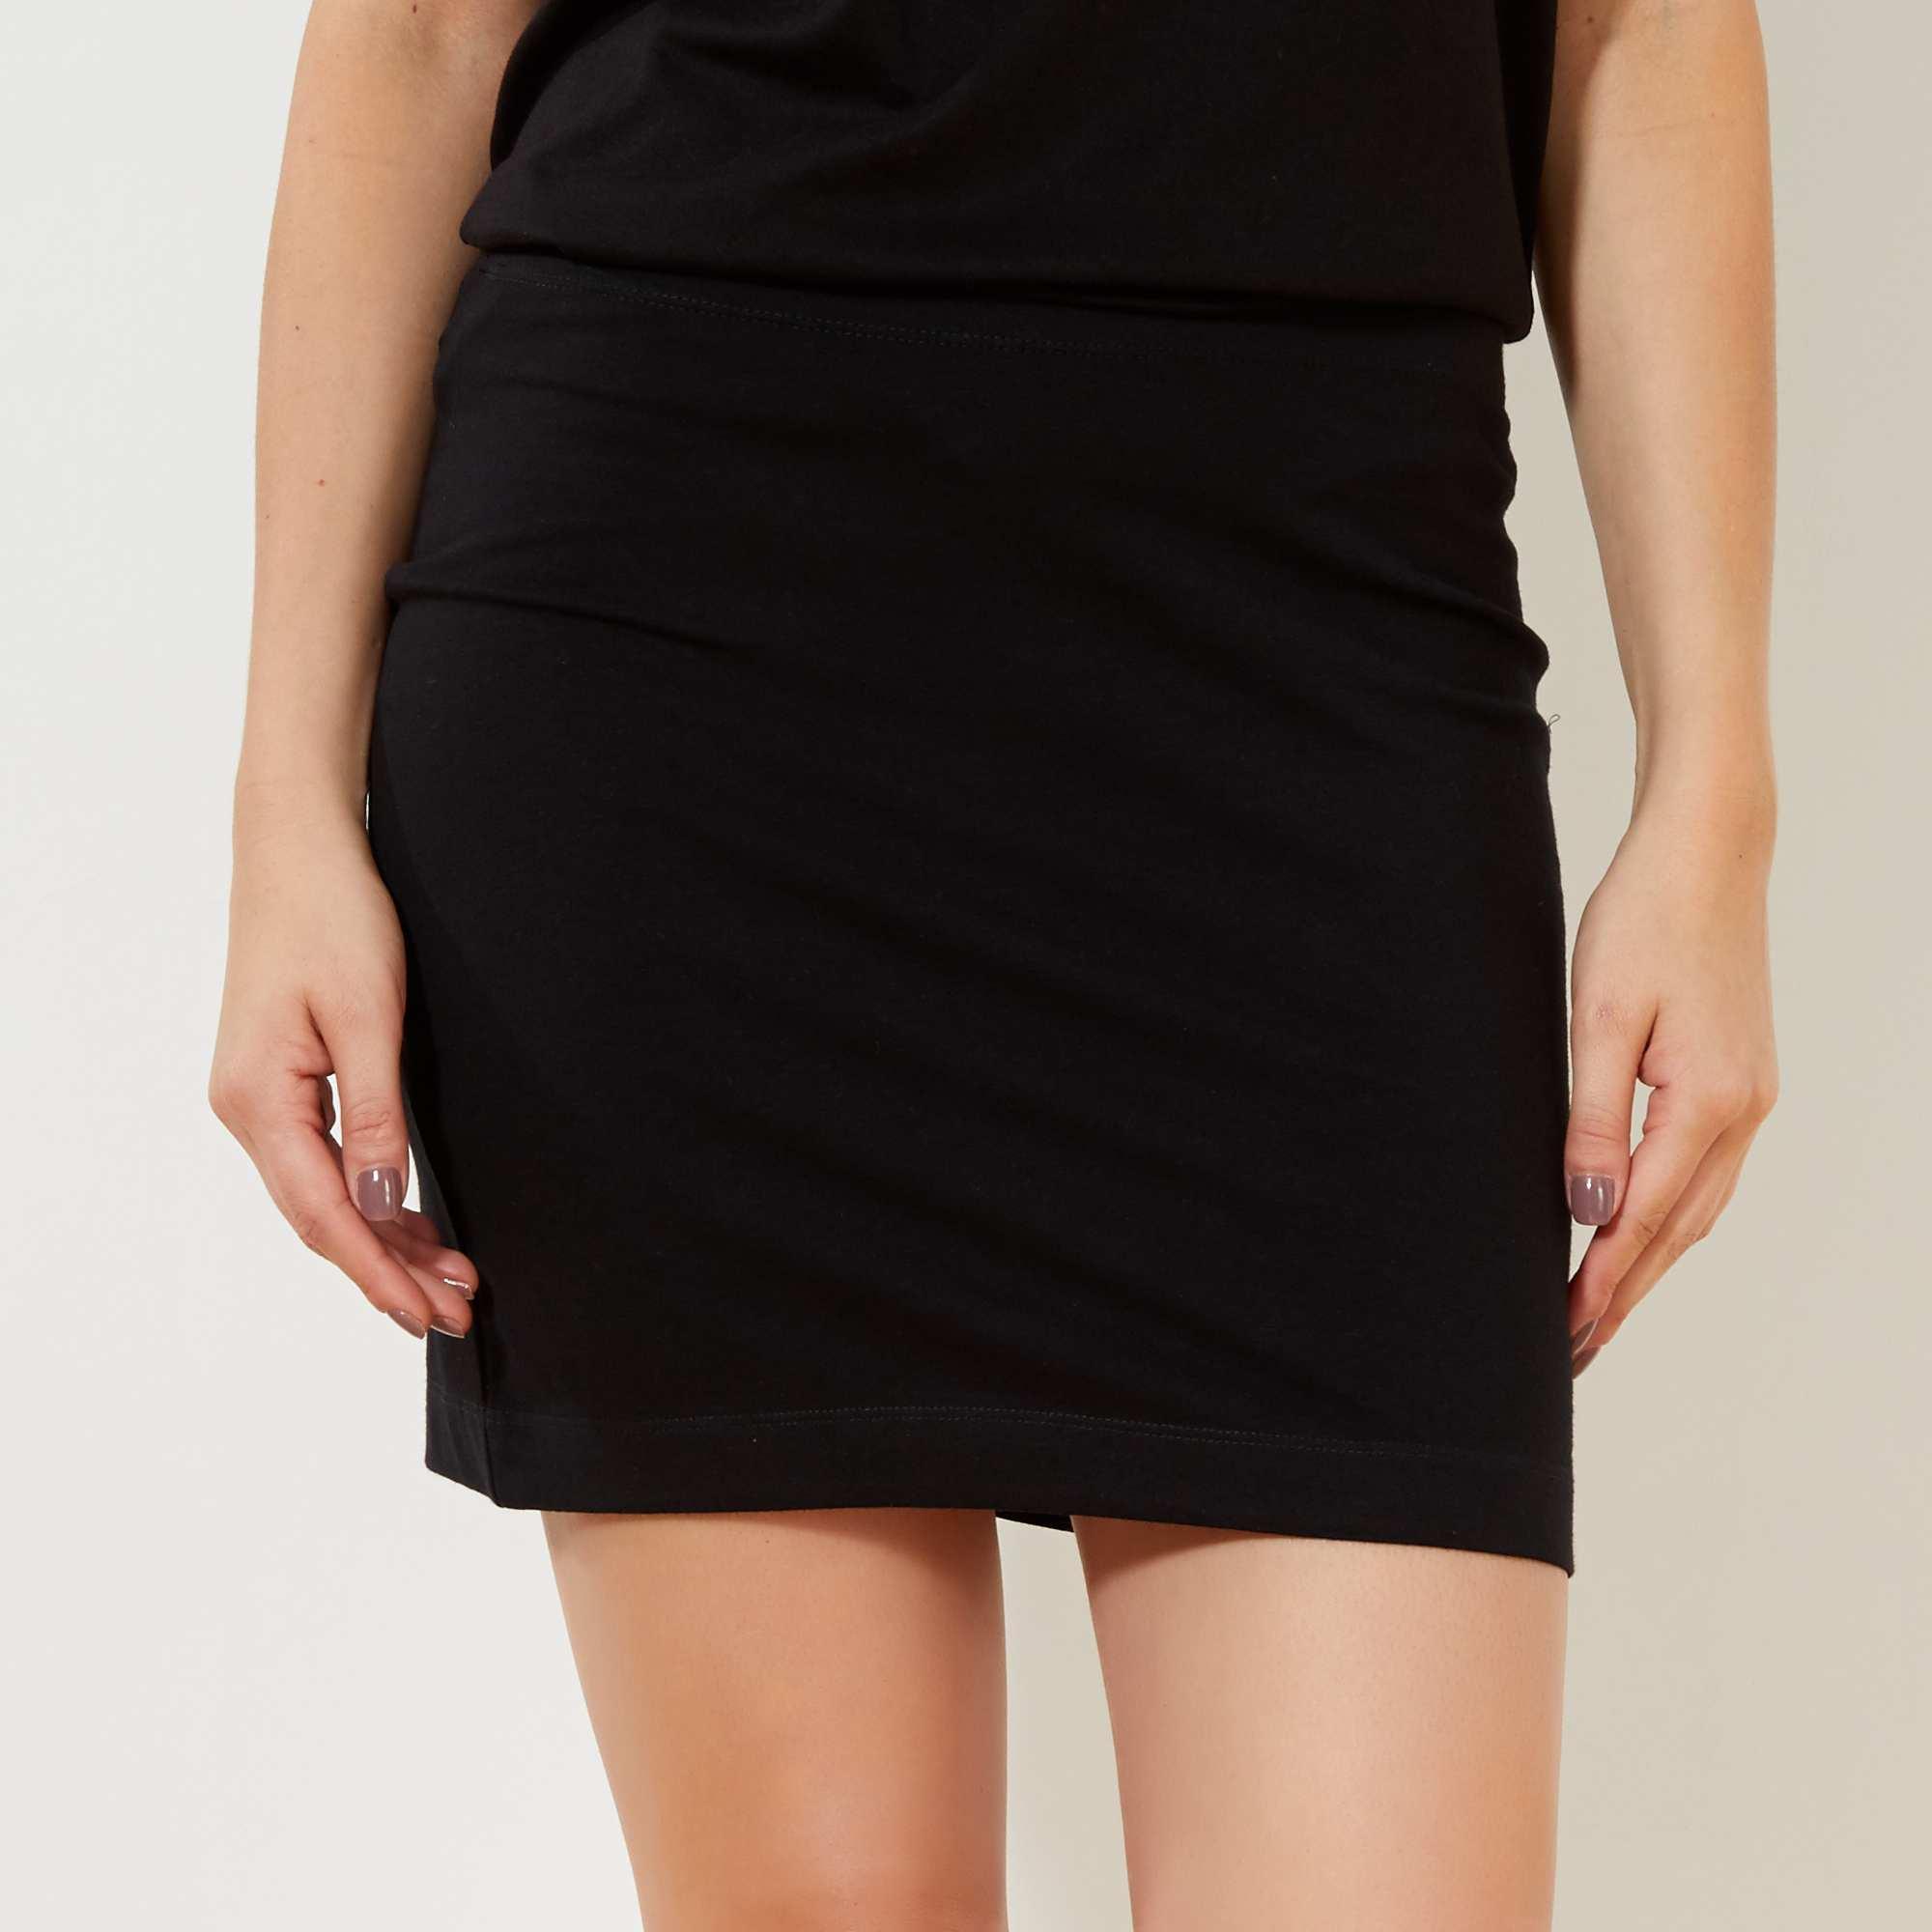 Couleur : noir, gris foncé chiné, ,, - Taille : XL, L, M,S,XSUne ligne près du corps avec la jupe tube stretch qui vous dessine une jolie silhouette